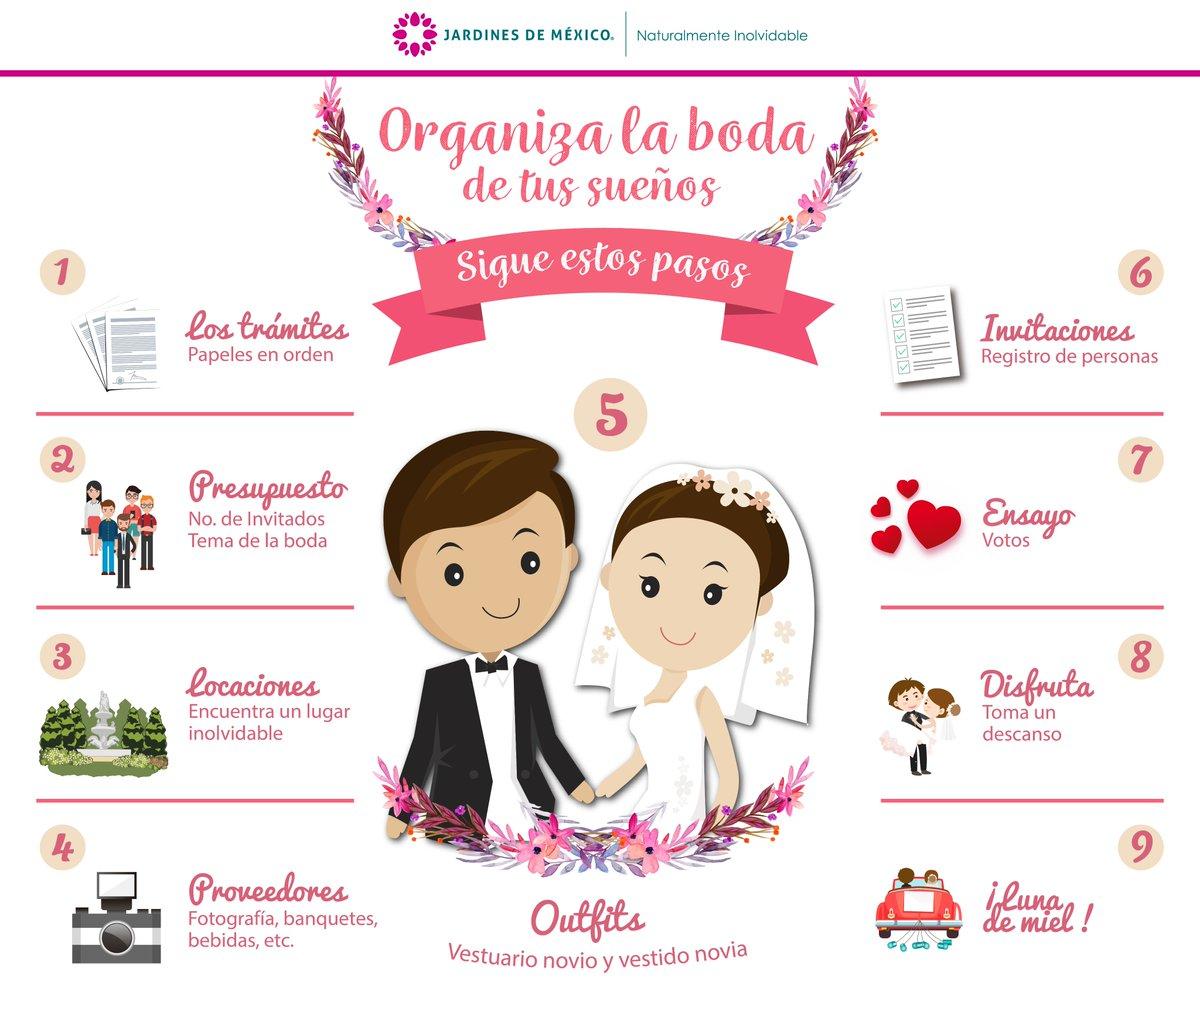 ca518804909f ... en Jardines de México te ayudamos a organizar tu boda y te enseñamos  los 9 pilares necesarios para que no te falte nada.